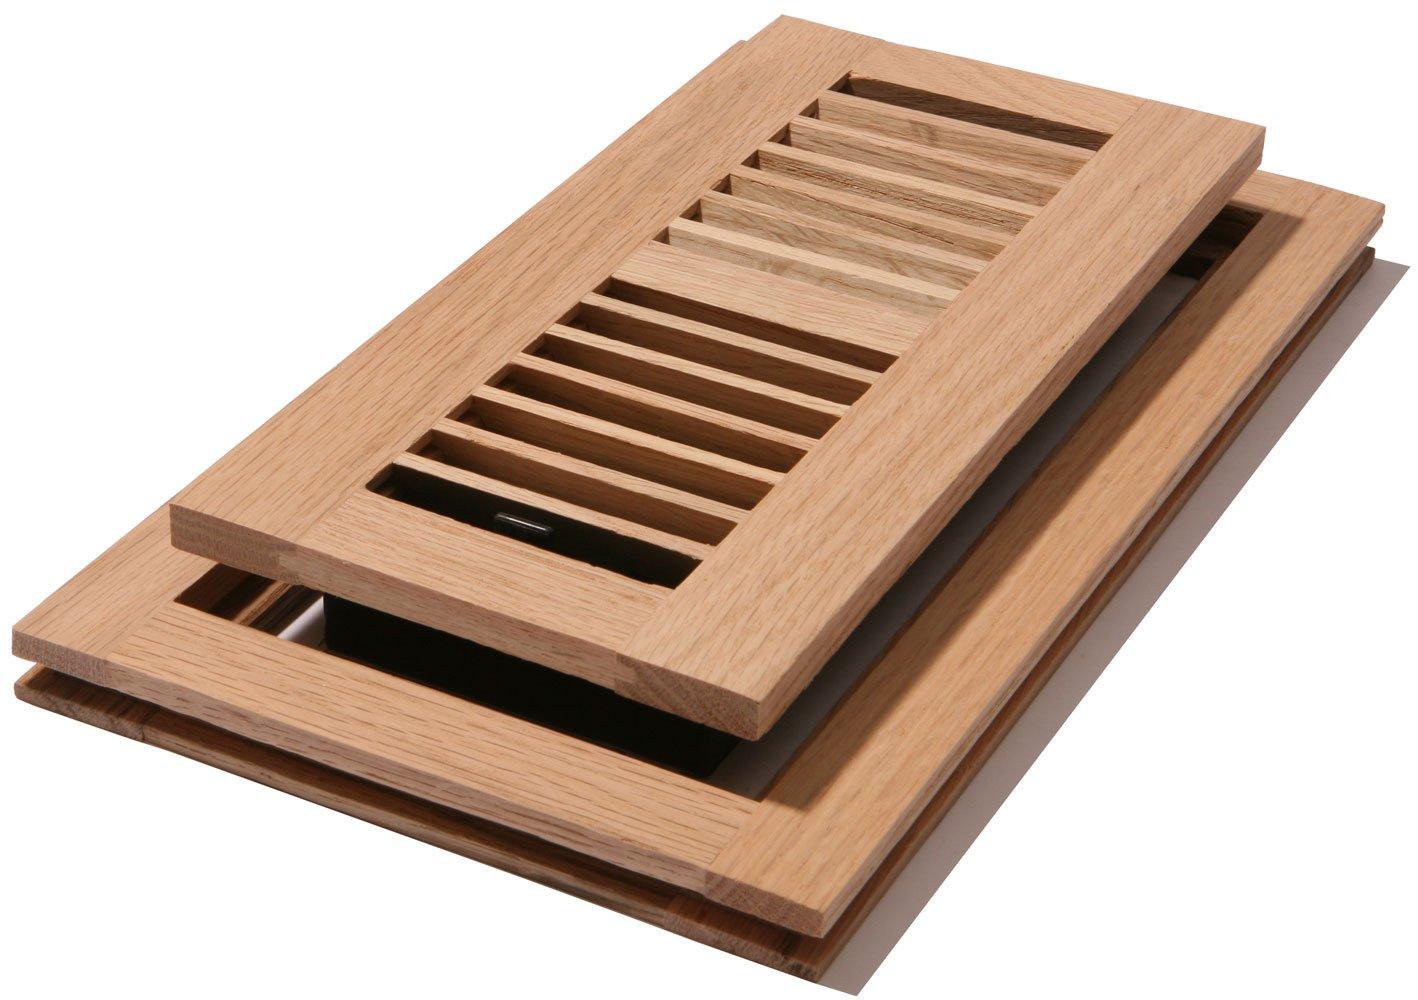 Decor Grates Wlf212 U 2 Inch By 12 Inch Wood Flushmount